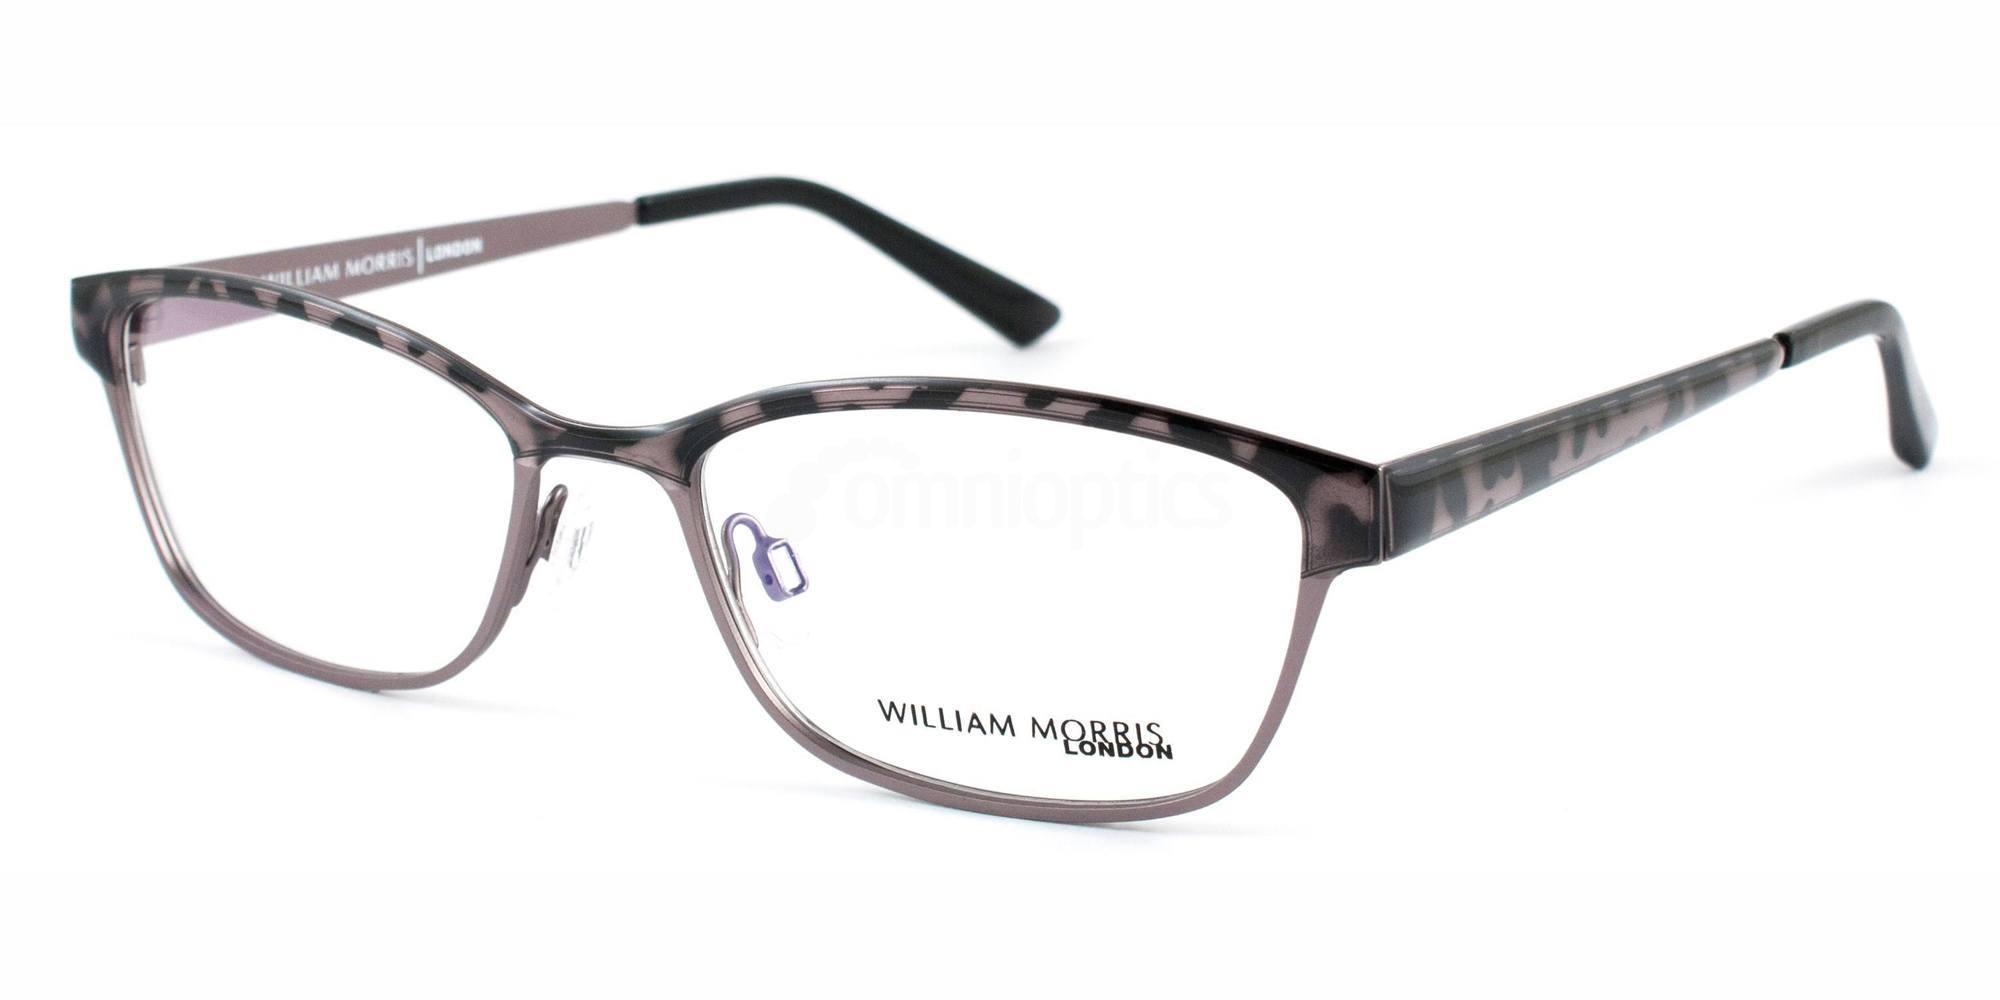 C1 WL1701 , William Morris London